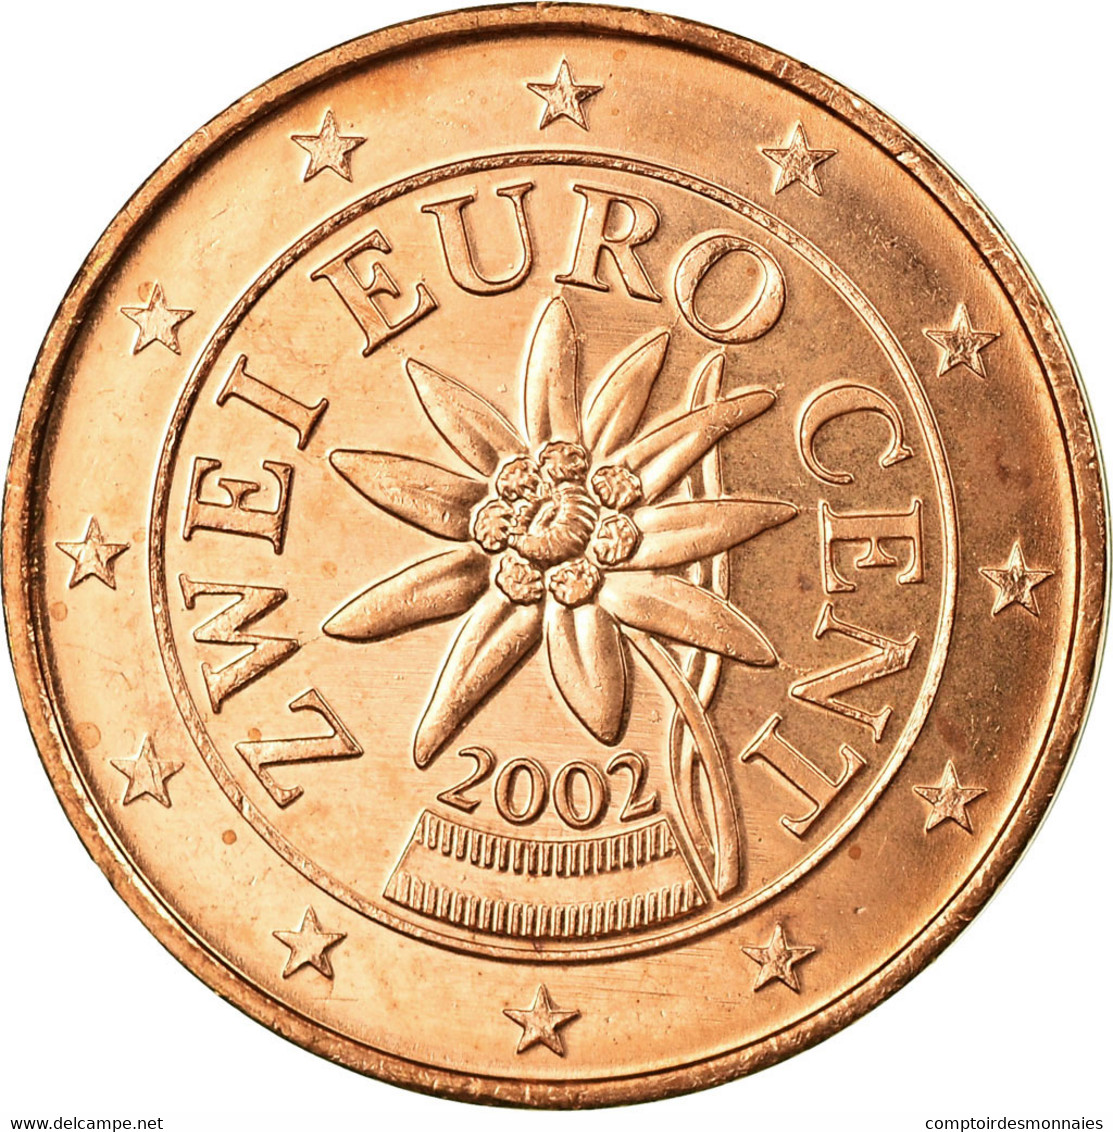 Autriche, 2 Euro Cent, 2002, SUP, Copper Plated Steel, KM:3083 - Autriche